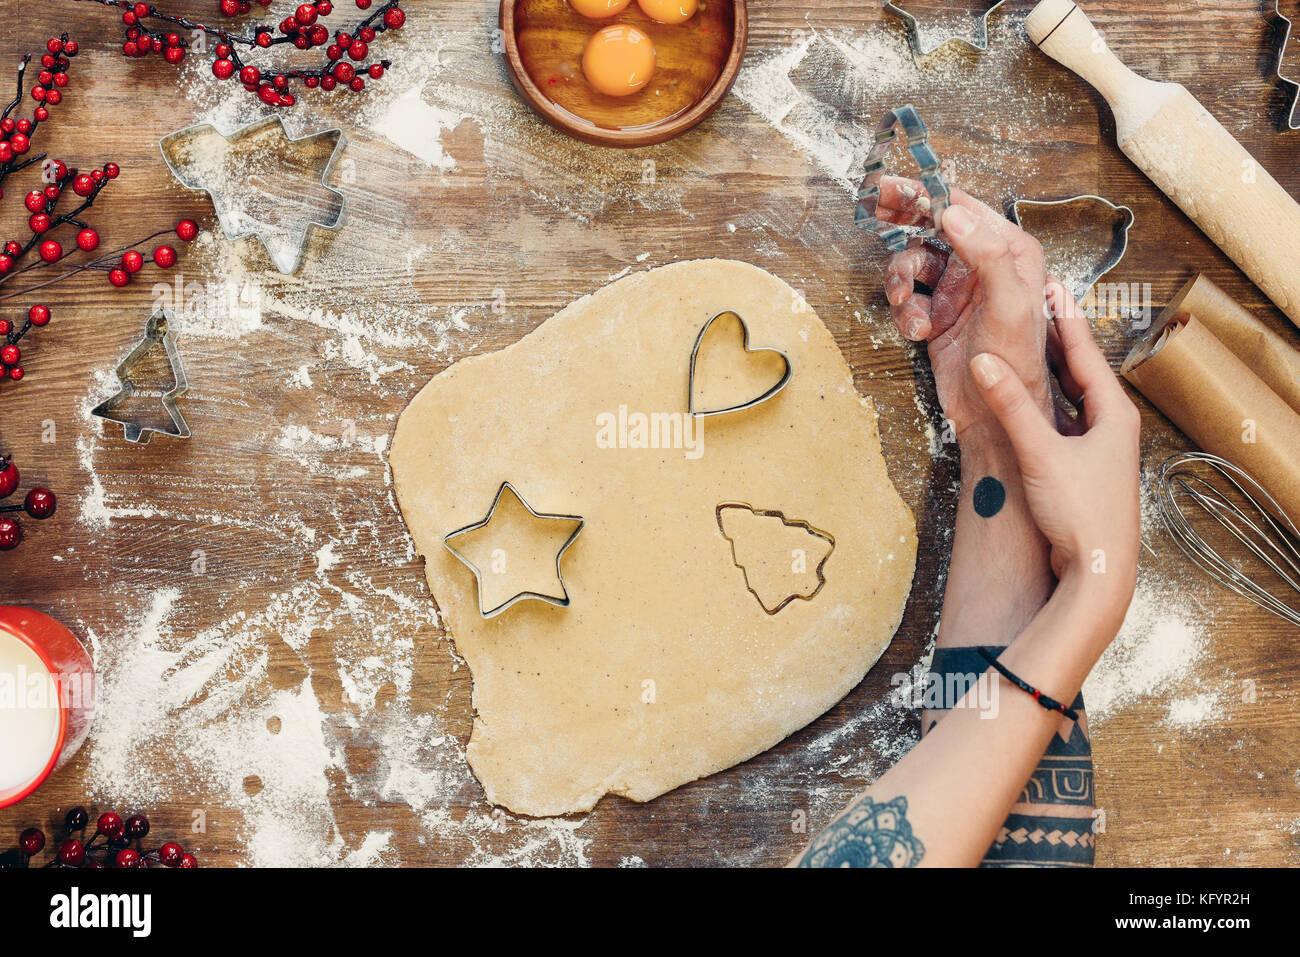 Par cocinar galletas de jengibre Imagen De Stock